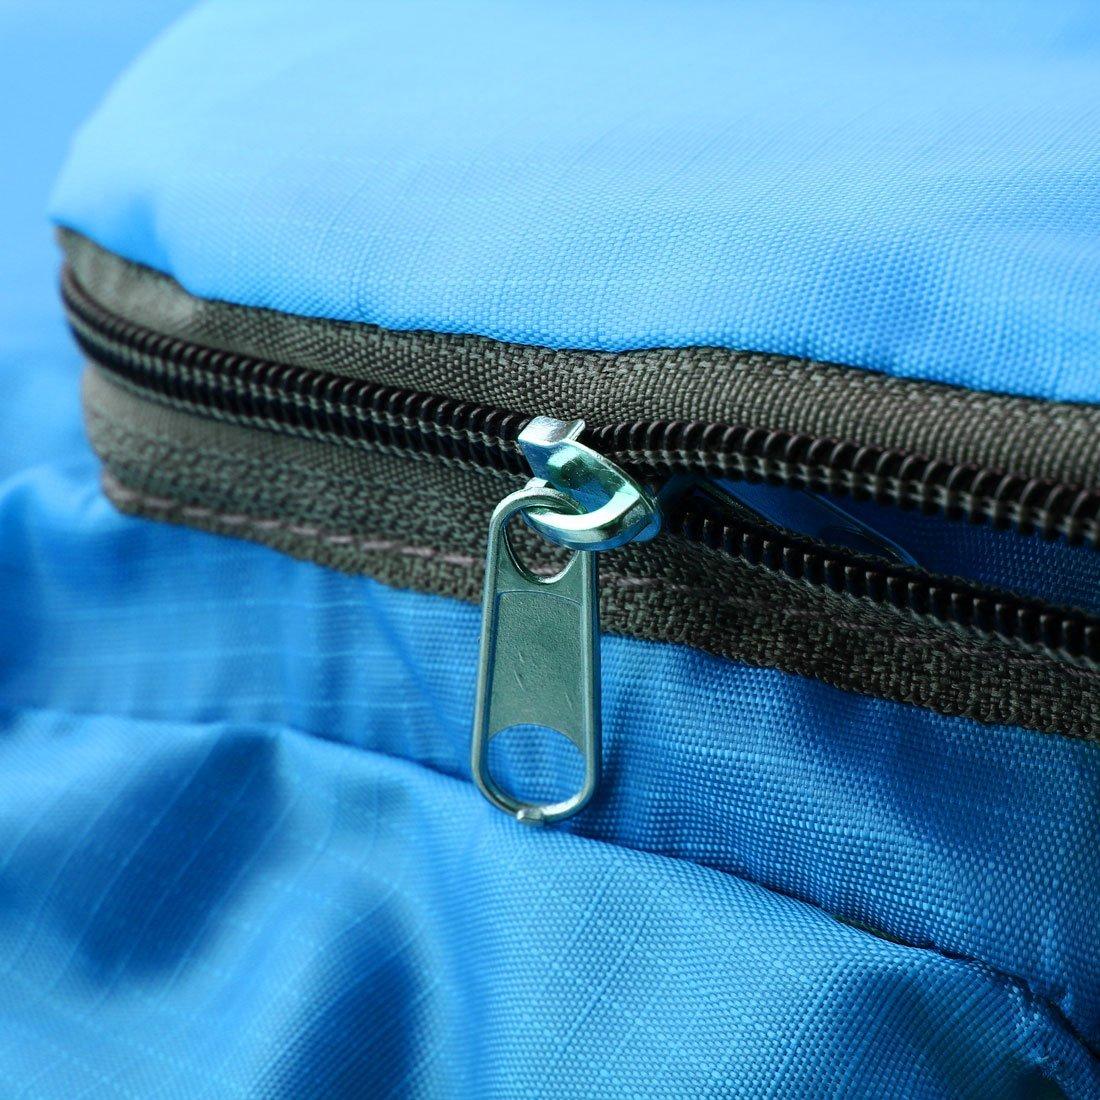 Amazon.com : DealMux Lightweight compactáveis ??pacote ao ar livre Viagem Backpack Caminhadas Camping mochila esporte saco 20L : Sports & Outdoors